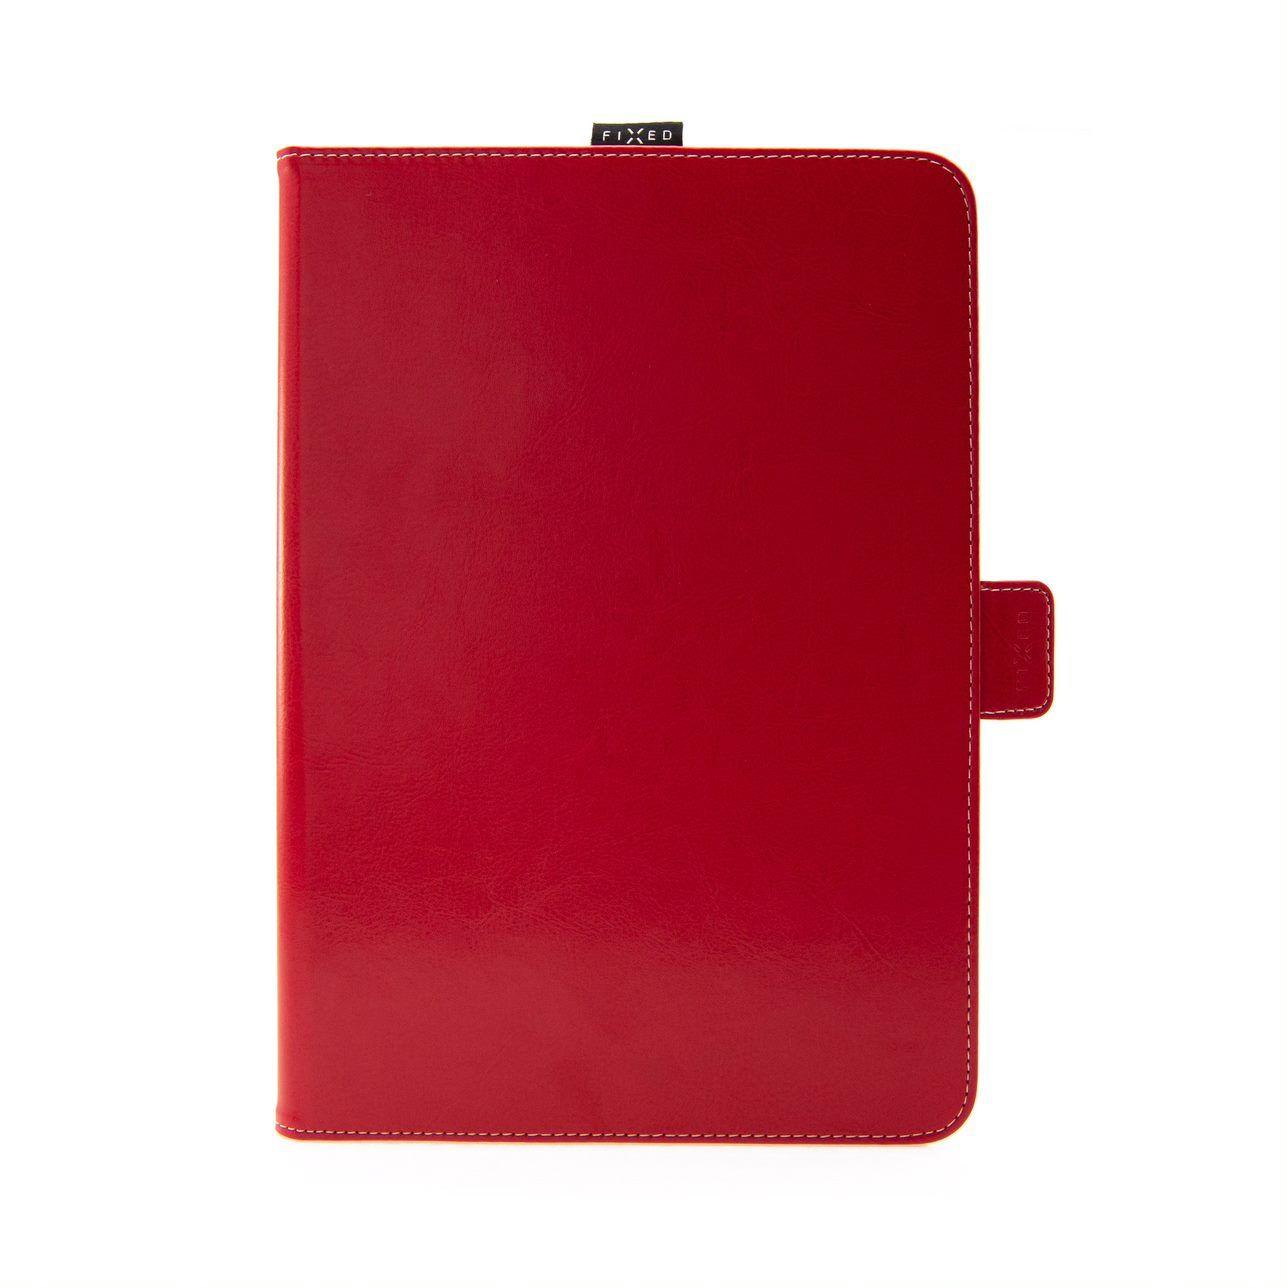 """Pouzdro pro 10,1"""" tablety FIXED Novel se stojánkem a kapsou pro stylus, PU kůže, červené"""